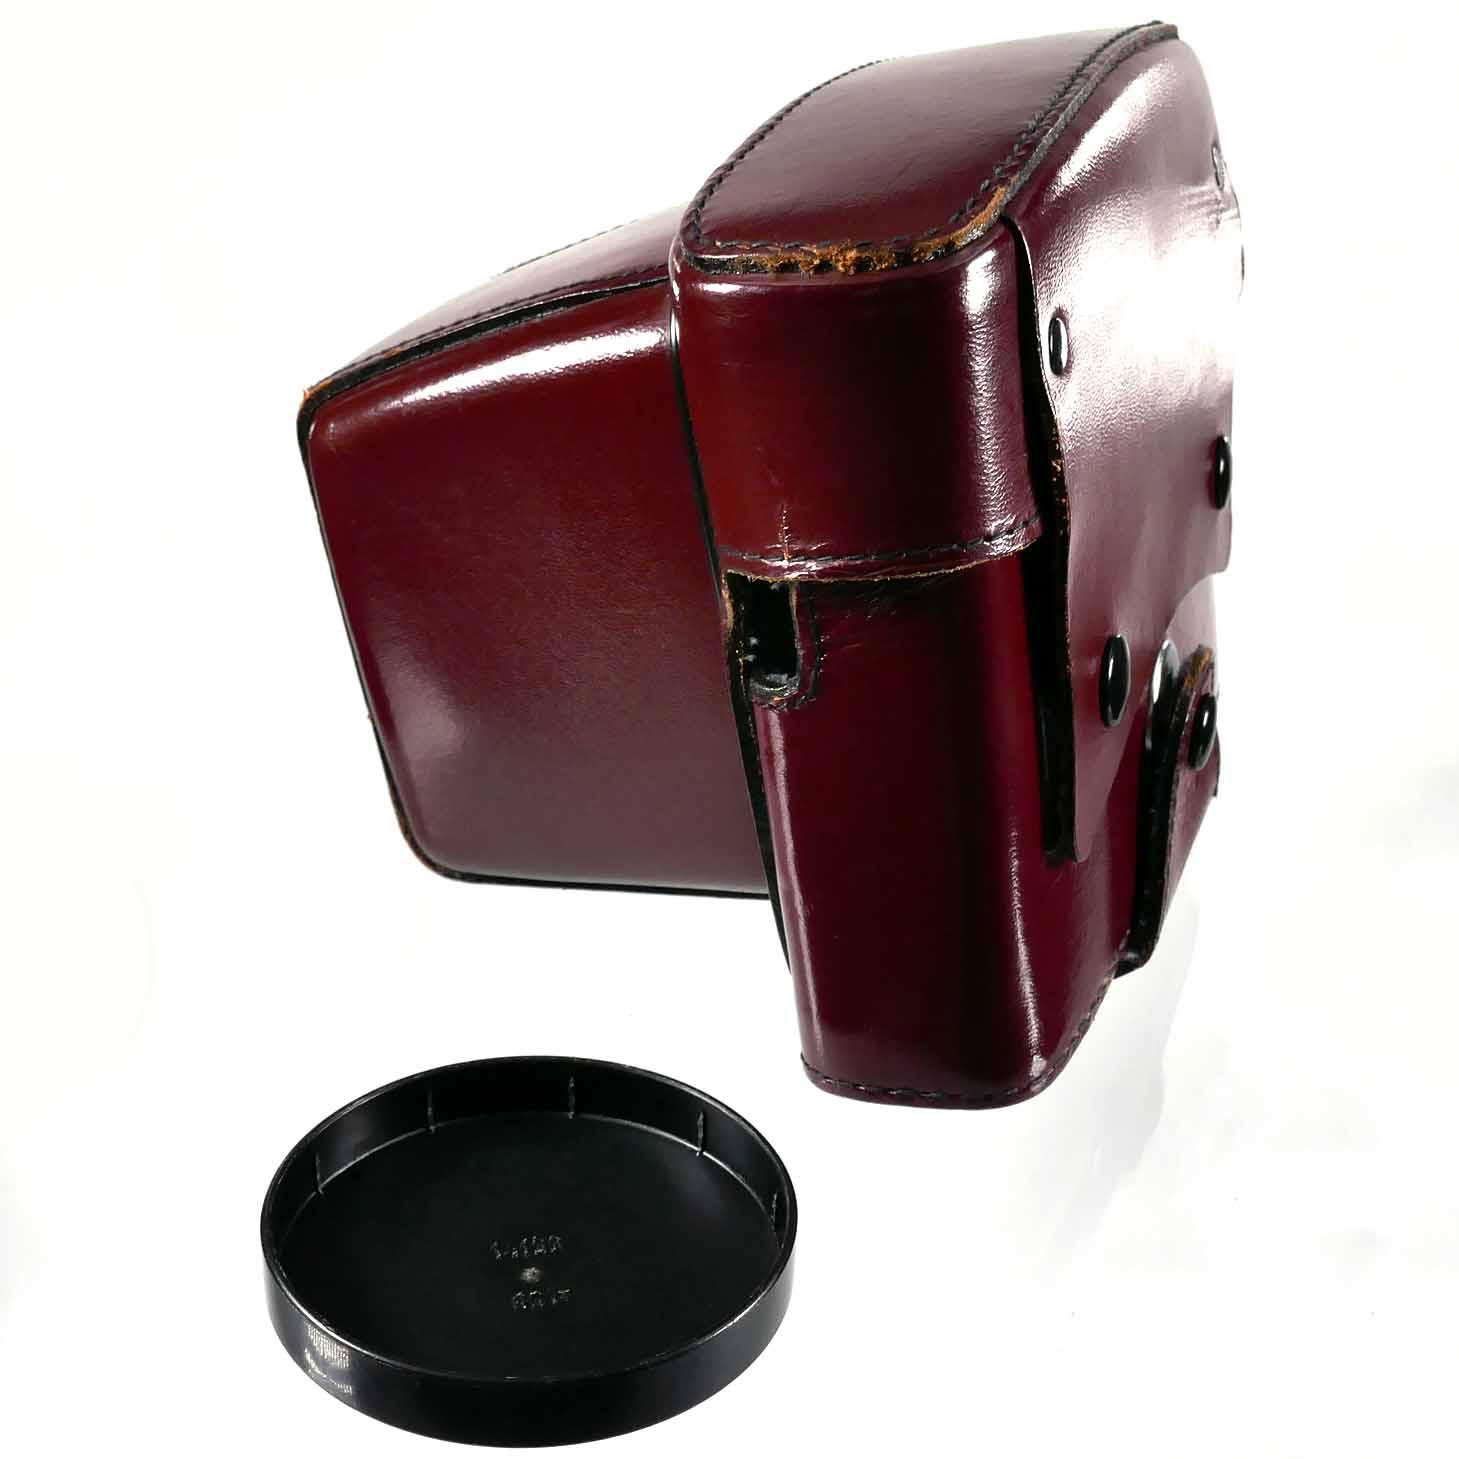 clean-cameras-Leica-R3-Summicron-50mm-11